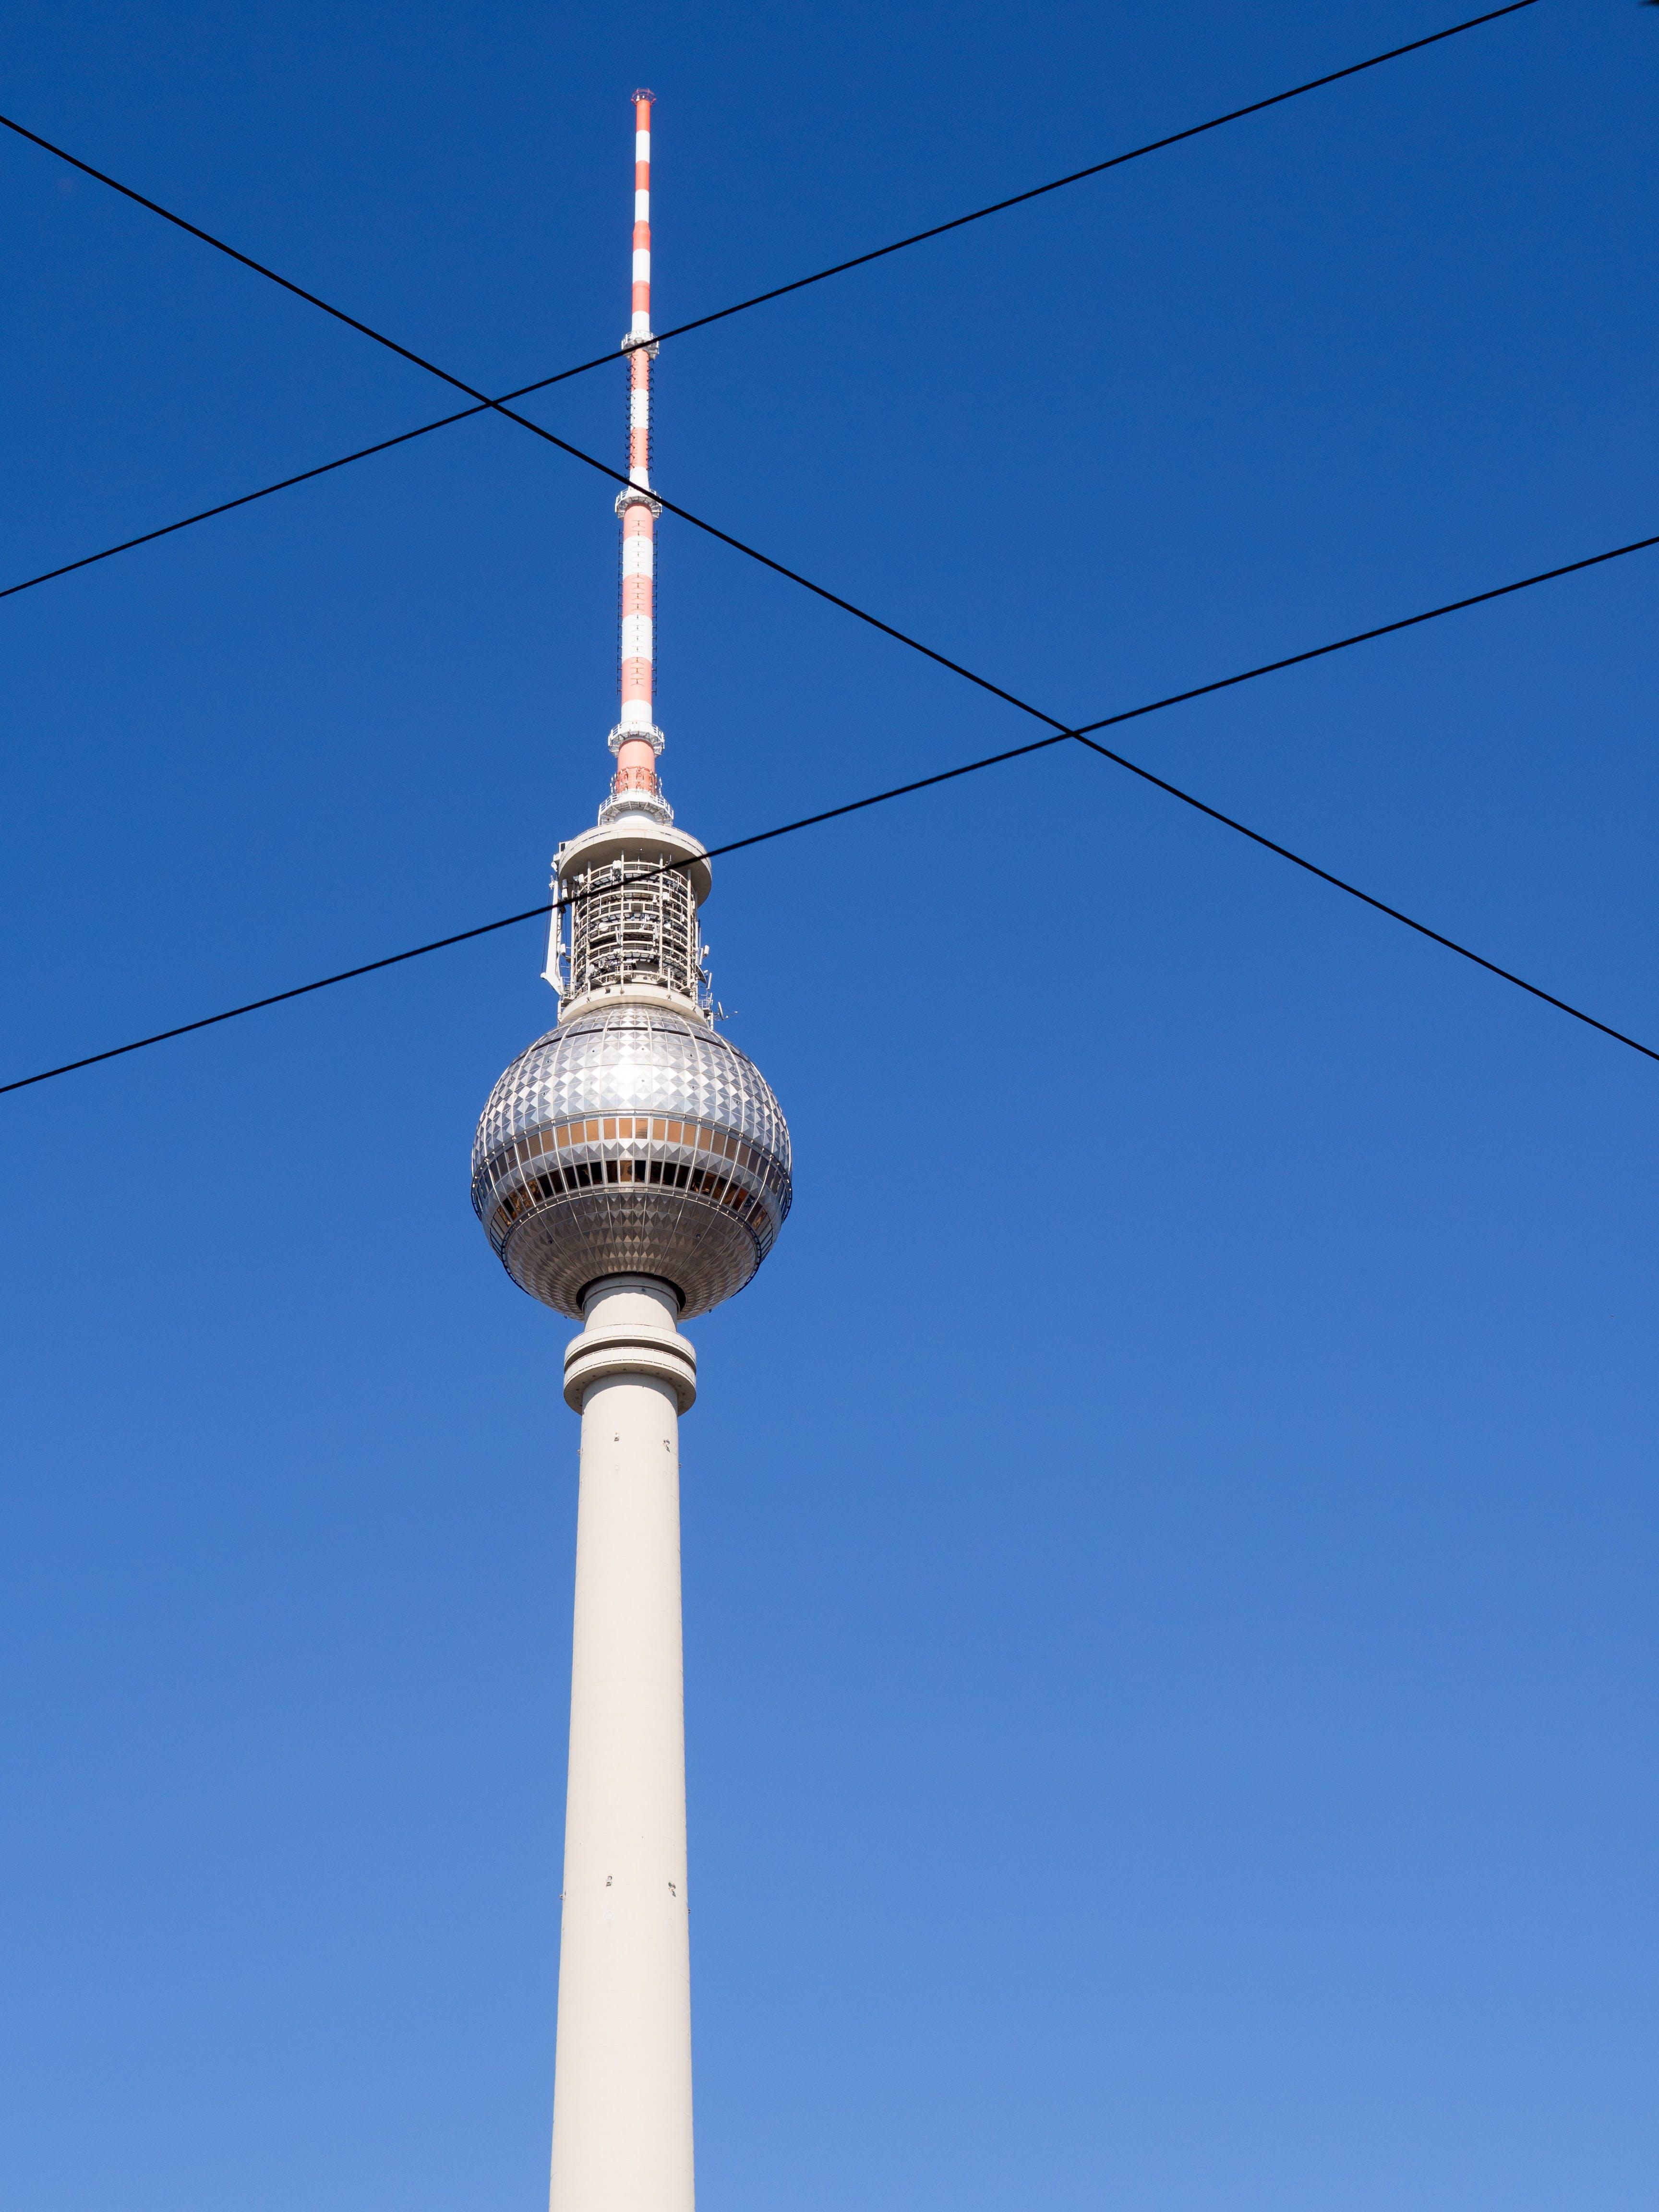 Δωρεάν στοκ φωτογραφιών με Alexanderplatz, γαλάζιος ουρανός, πύργος τηλεόρασης